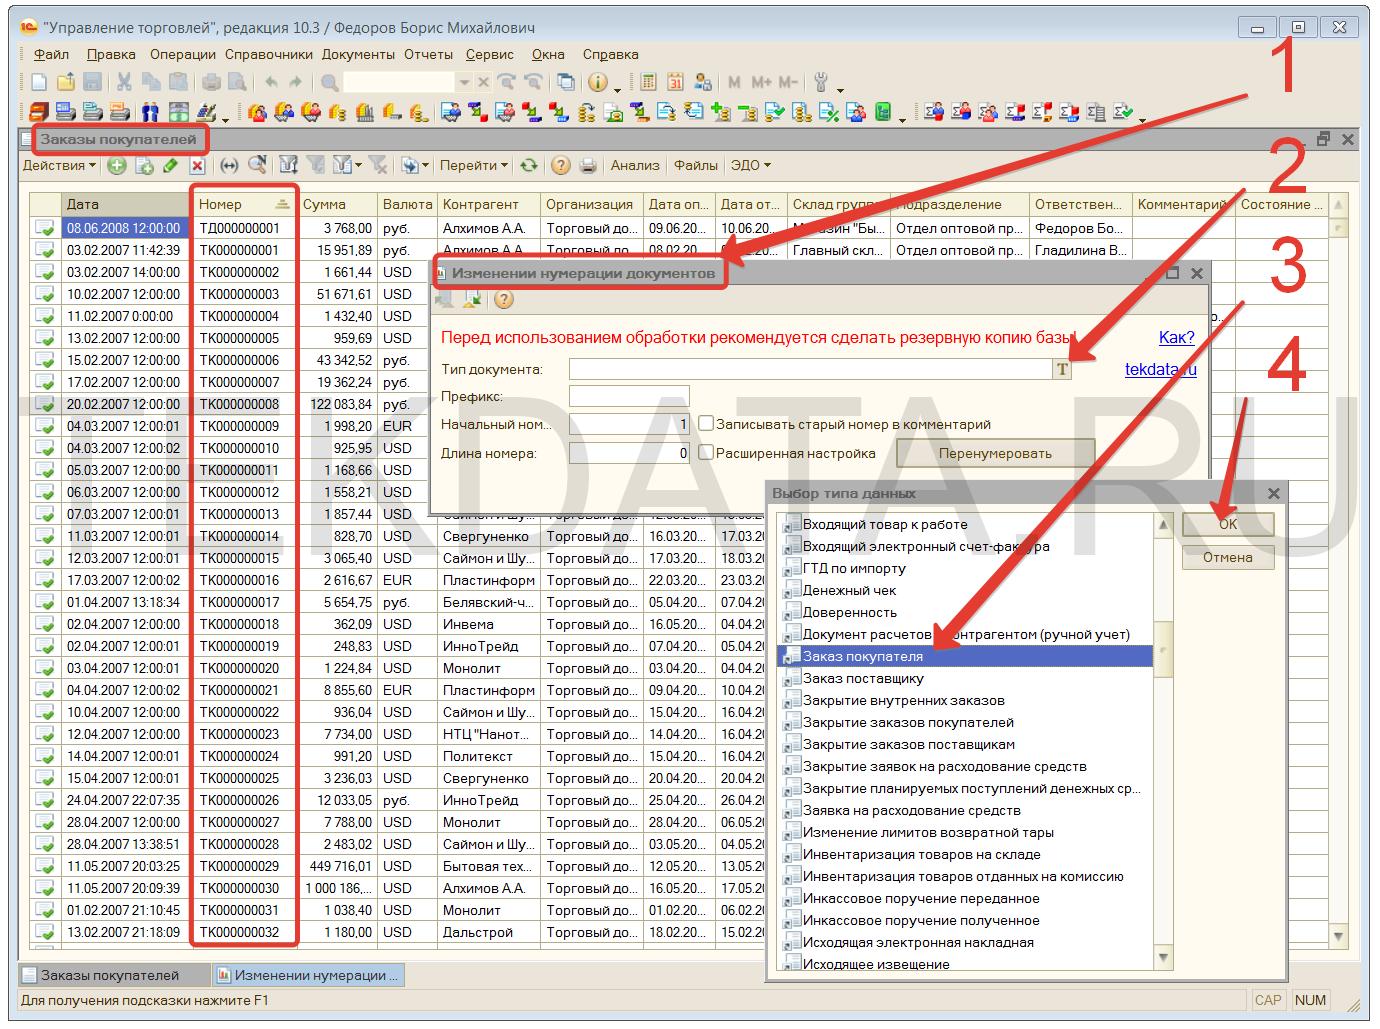 Перенумерация документов 1С (Действия 1-2-3-4) | tekdata.ru